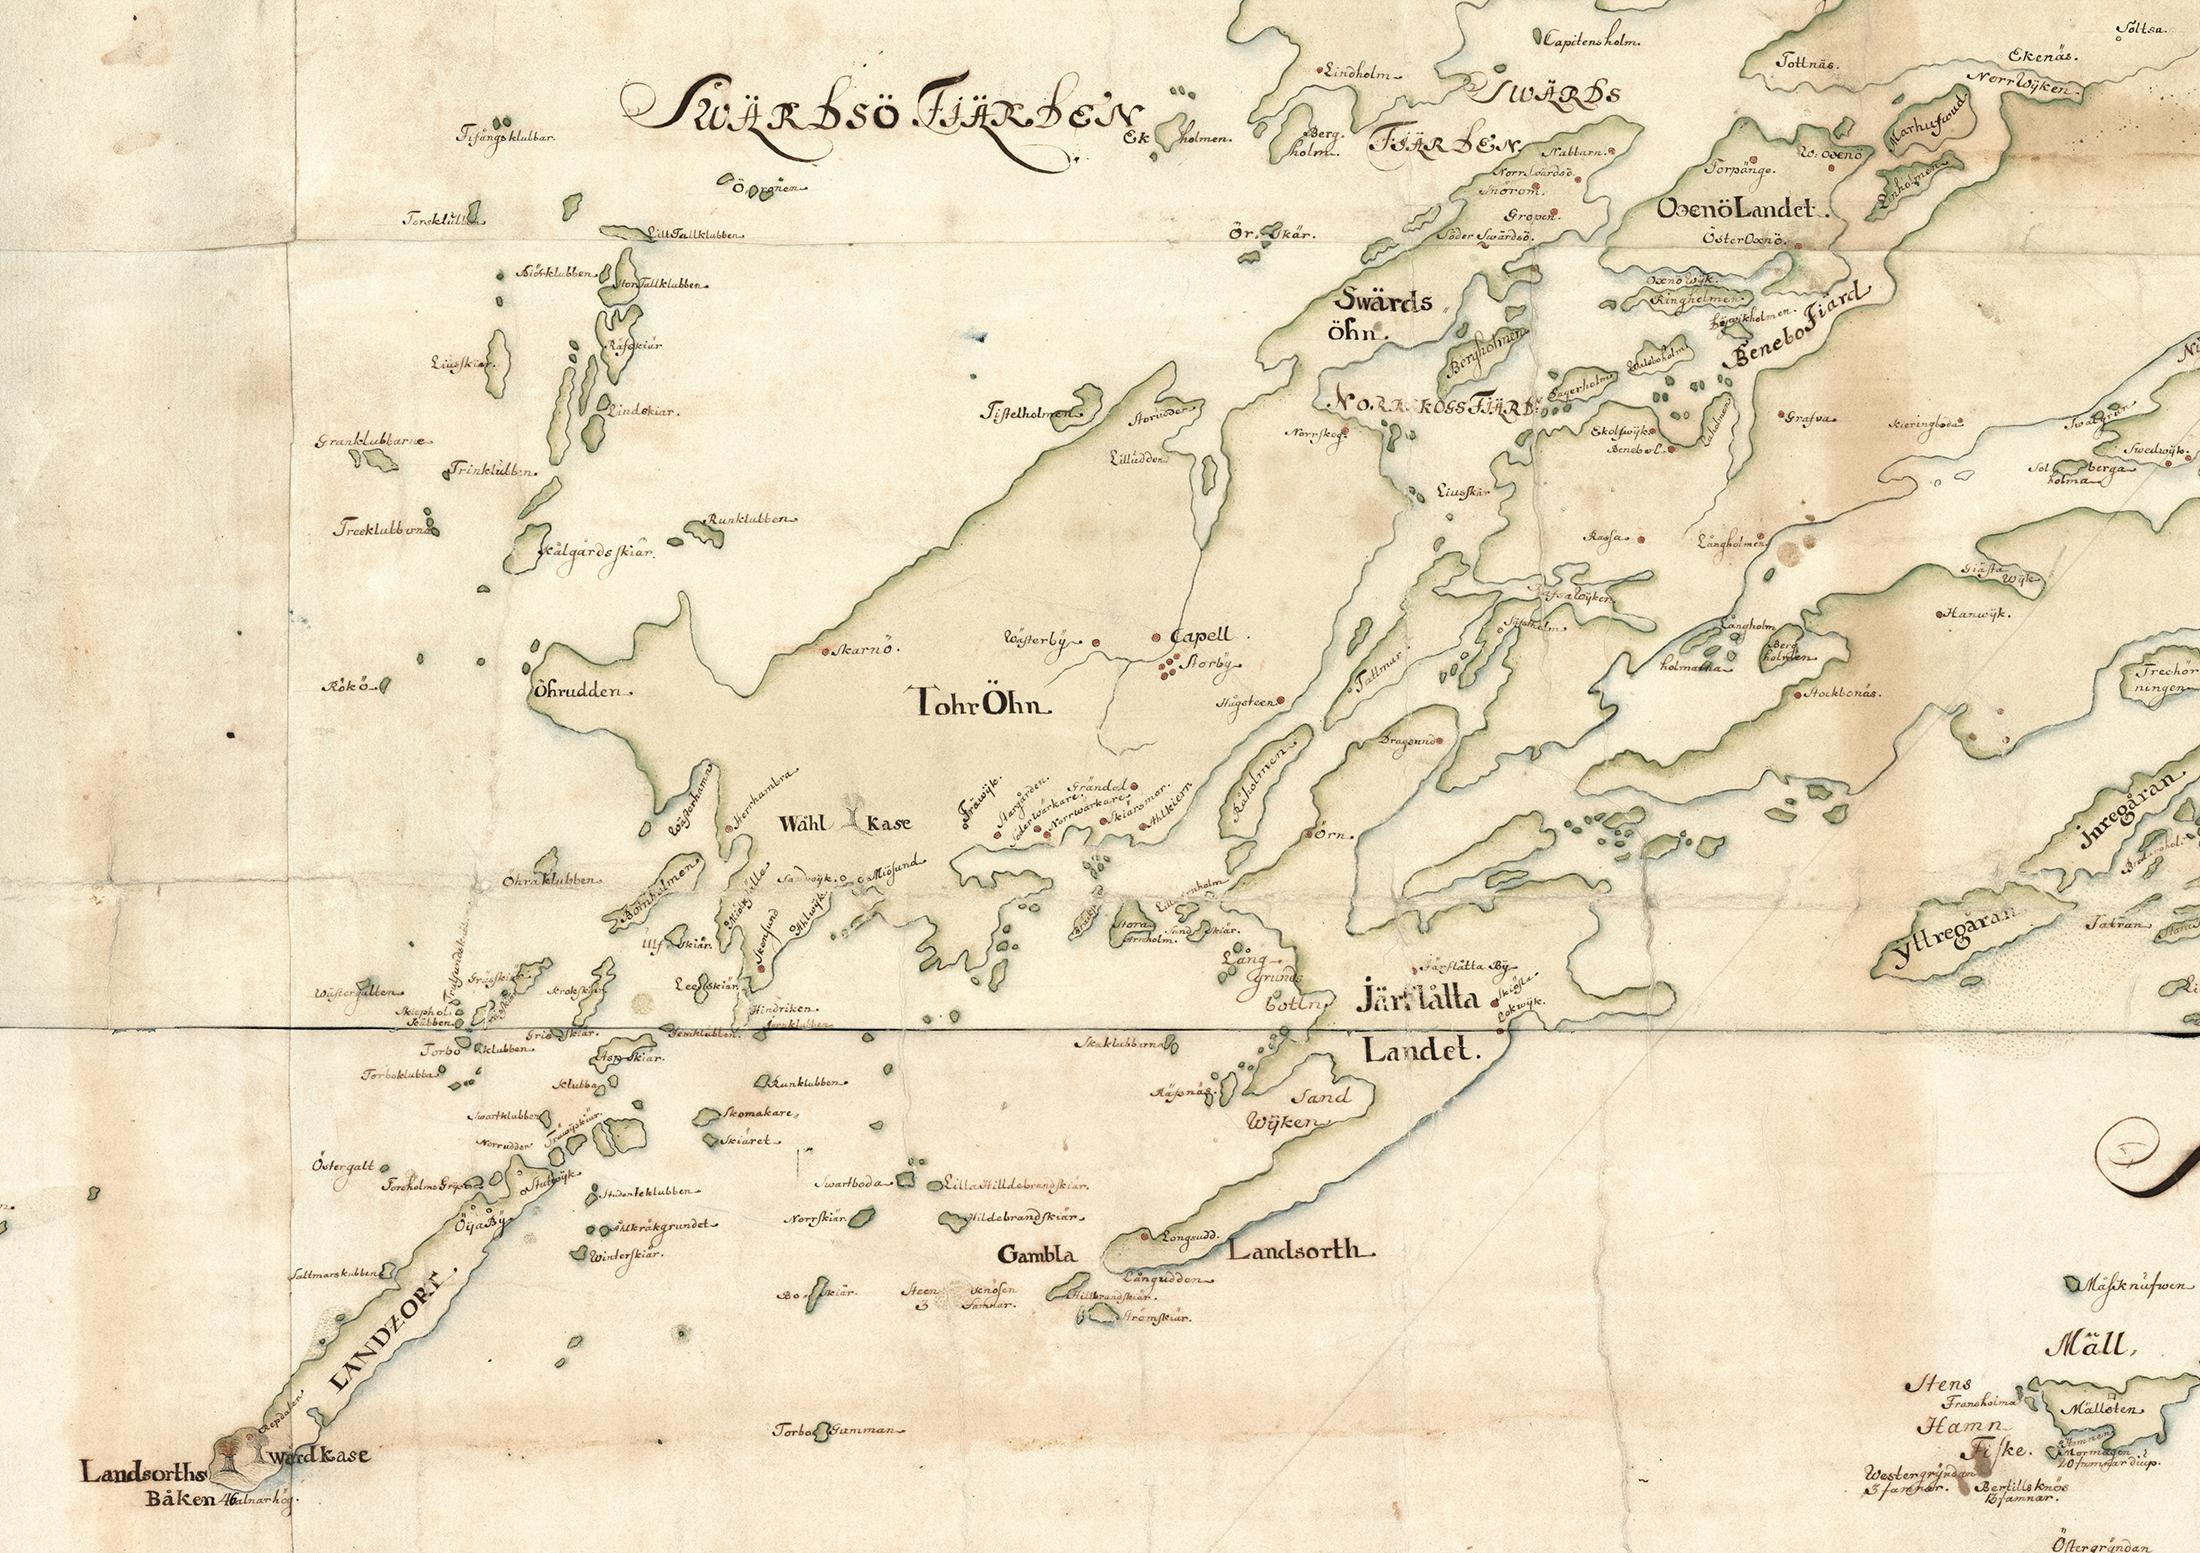 Oja, Torö och angränsande öar och områden på Carl Gripenhielms skärgårdskarta från 1690-talet. Väderstrecken är förvridna.